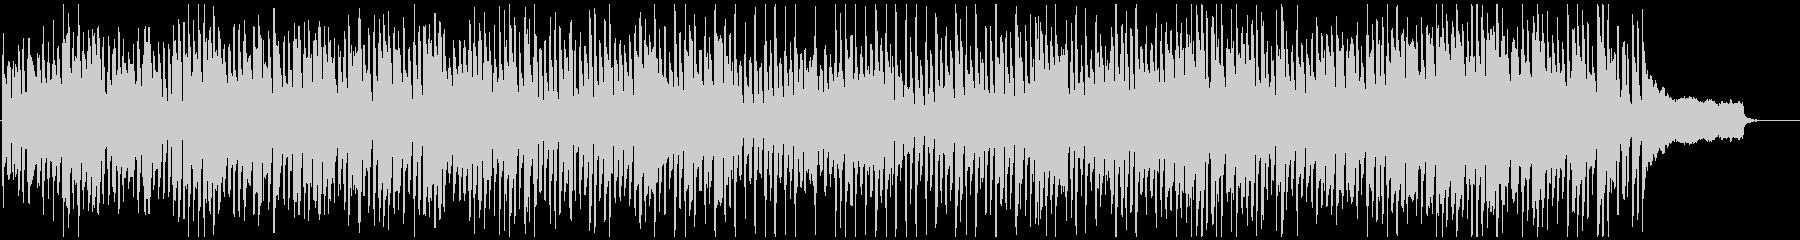 元気なペットの動画等に最適なリコーダー曲の未再生の波形